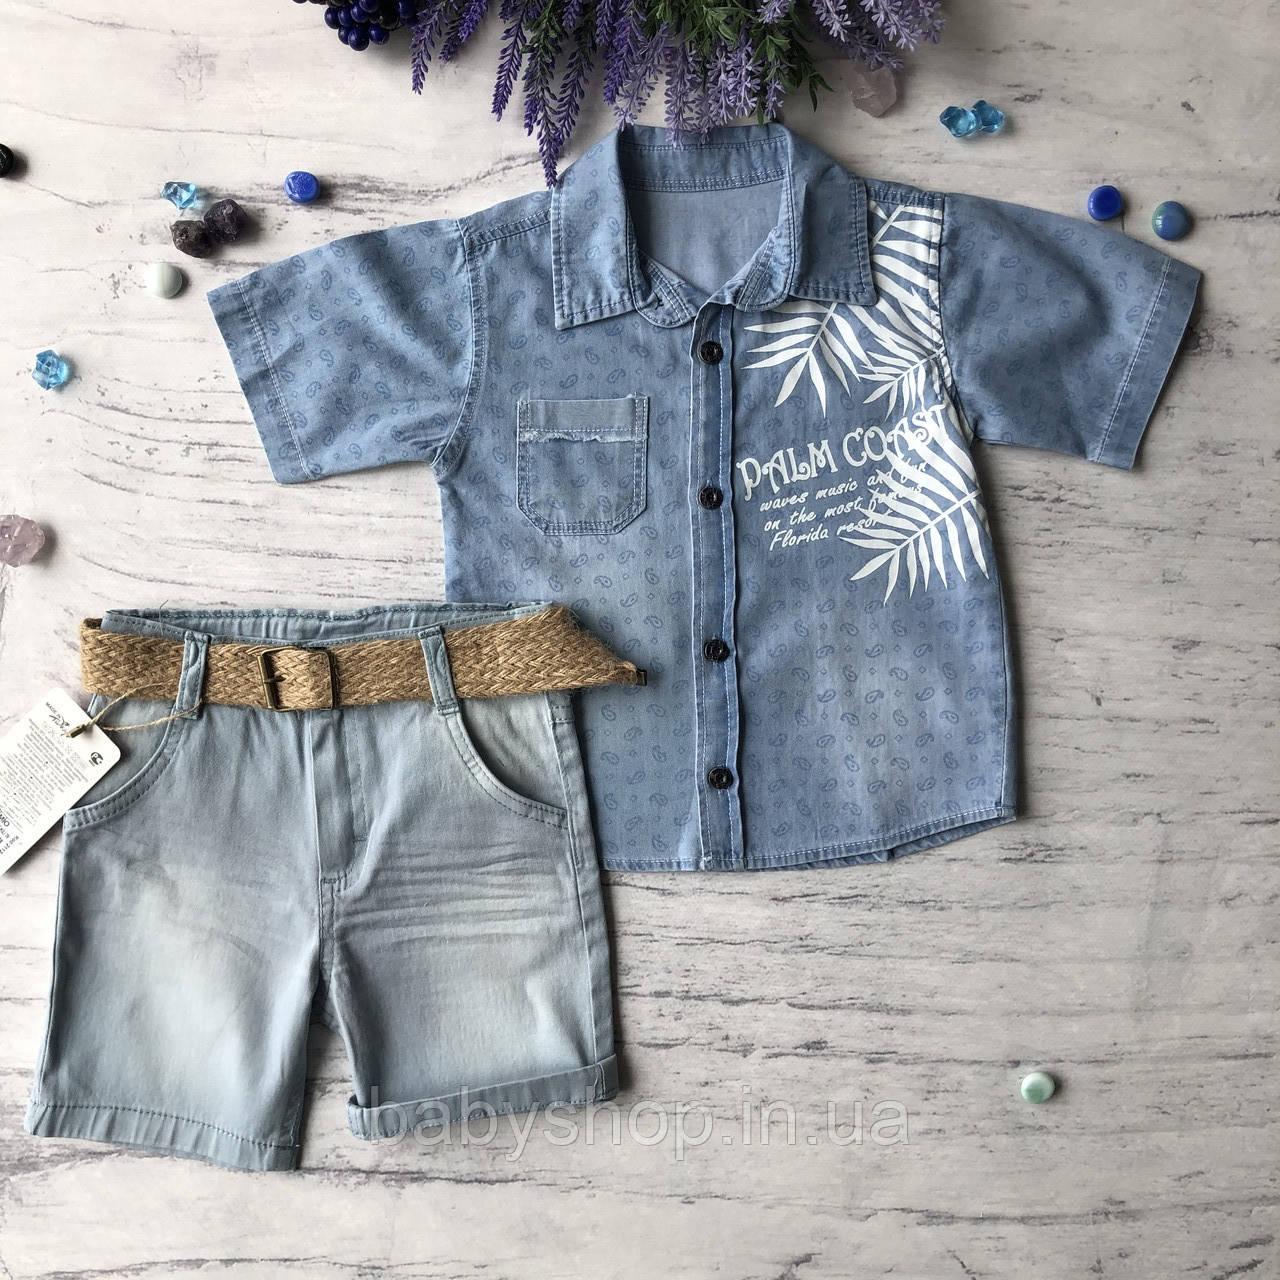 Летний джинсовый  костюм на мальчика 112. Размер 2 года, 3 года,  4 года